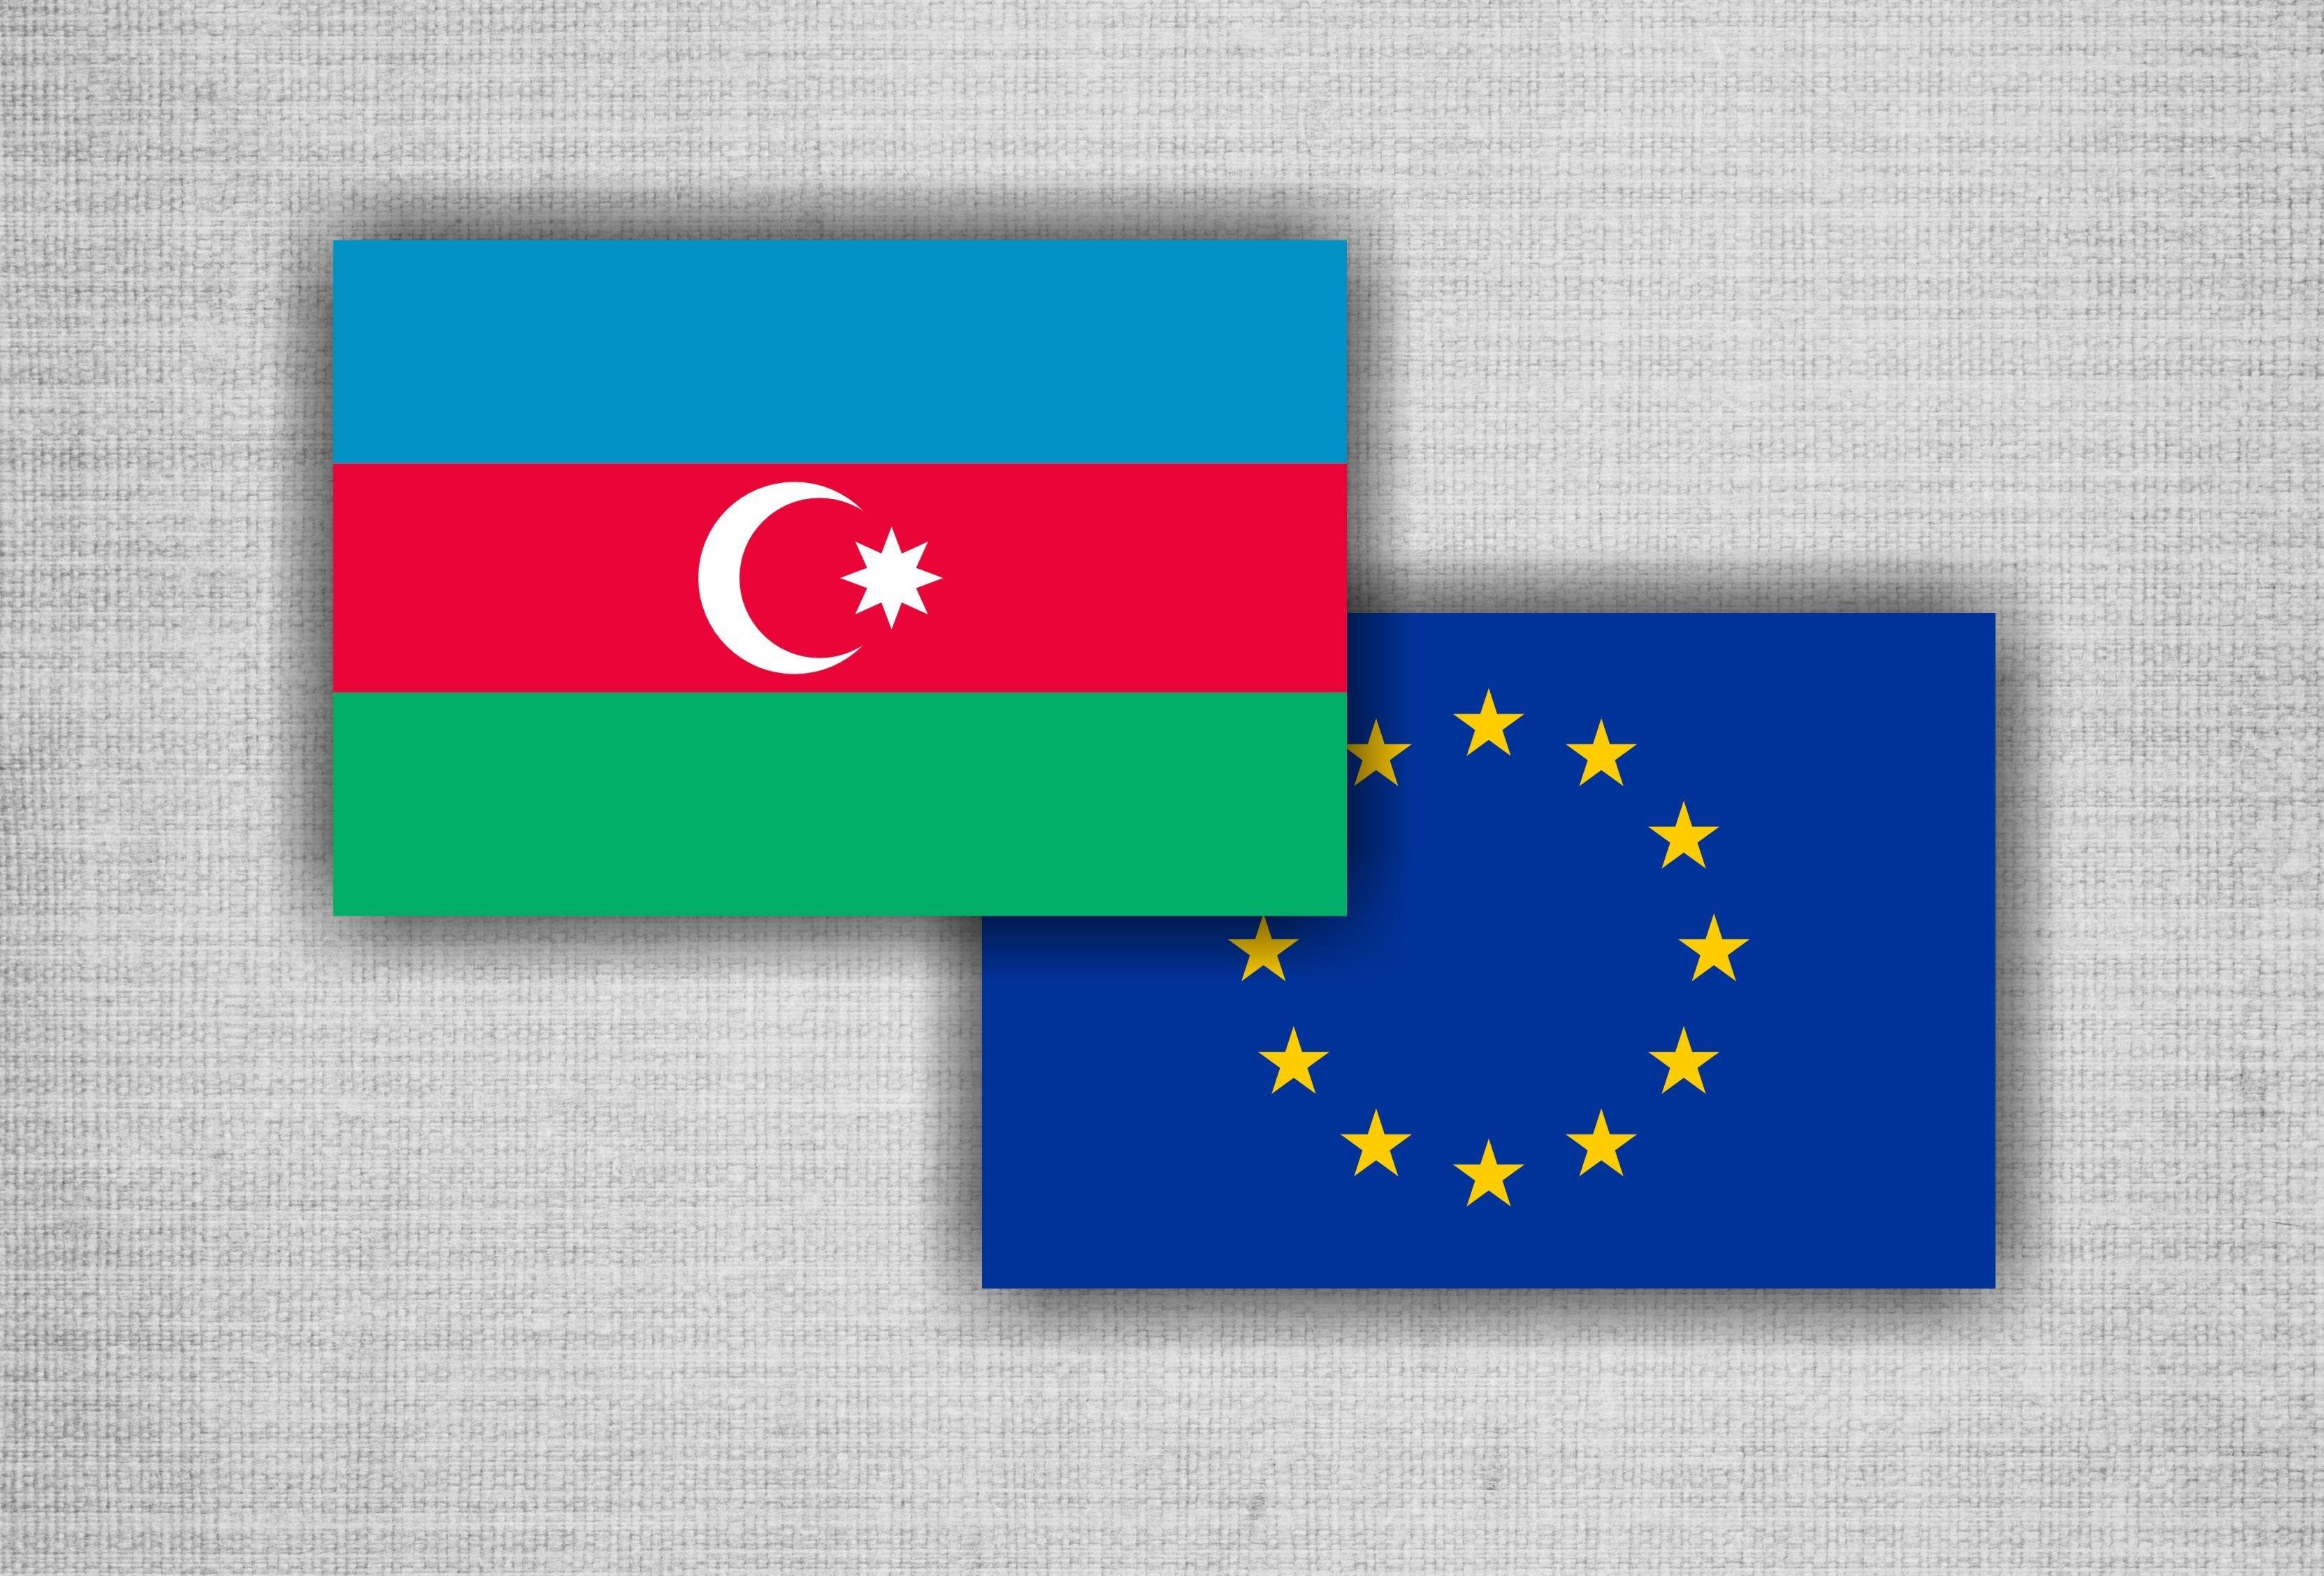 В Баку состоялся второй диалог по безопасности между Азербайджаном и ЕС